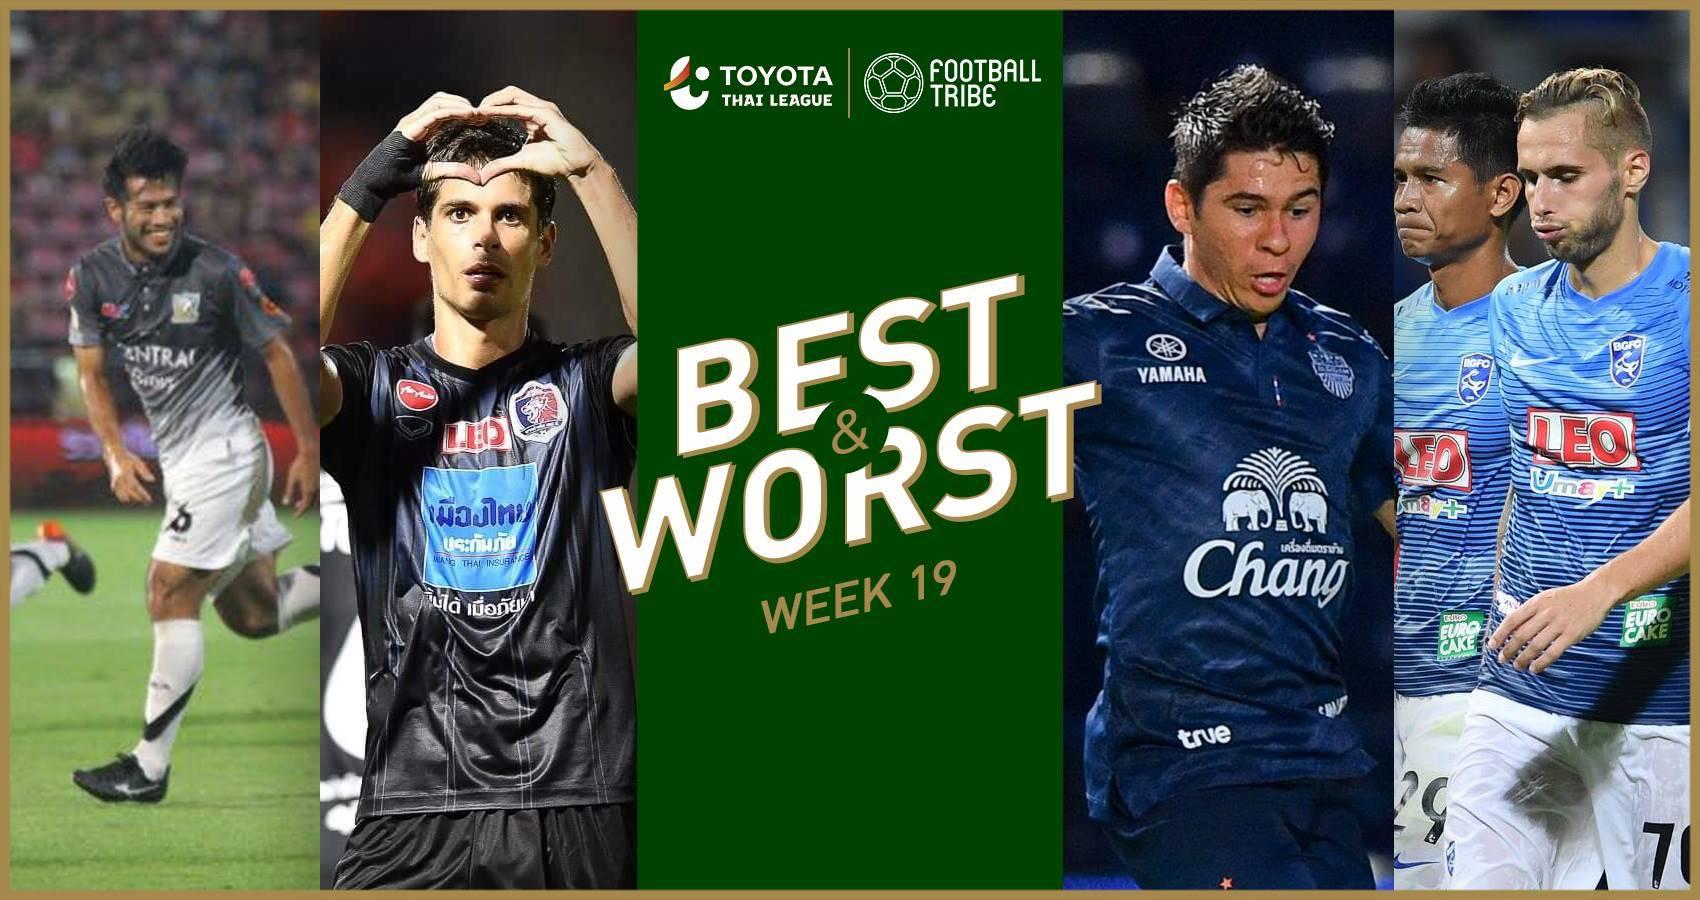 BEST & WORST: ยอดเยี่ยม-ยอดแย่ โตโยต้าไทยลีก 2018 นัดที่ 19